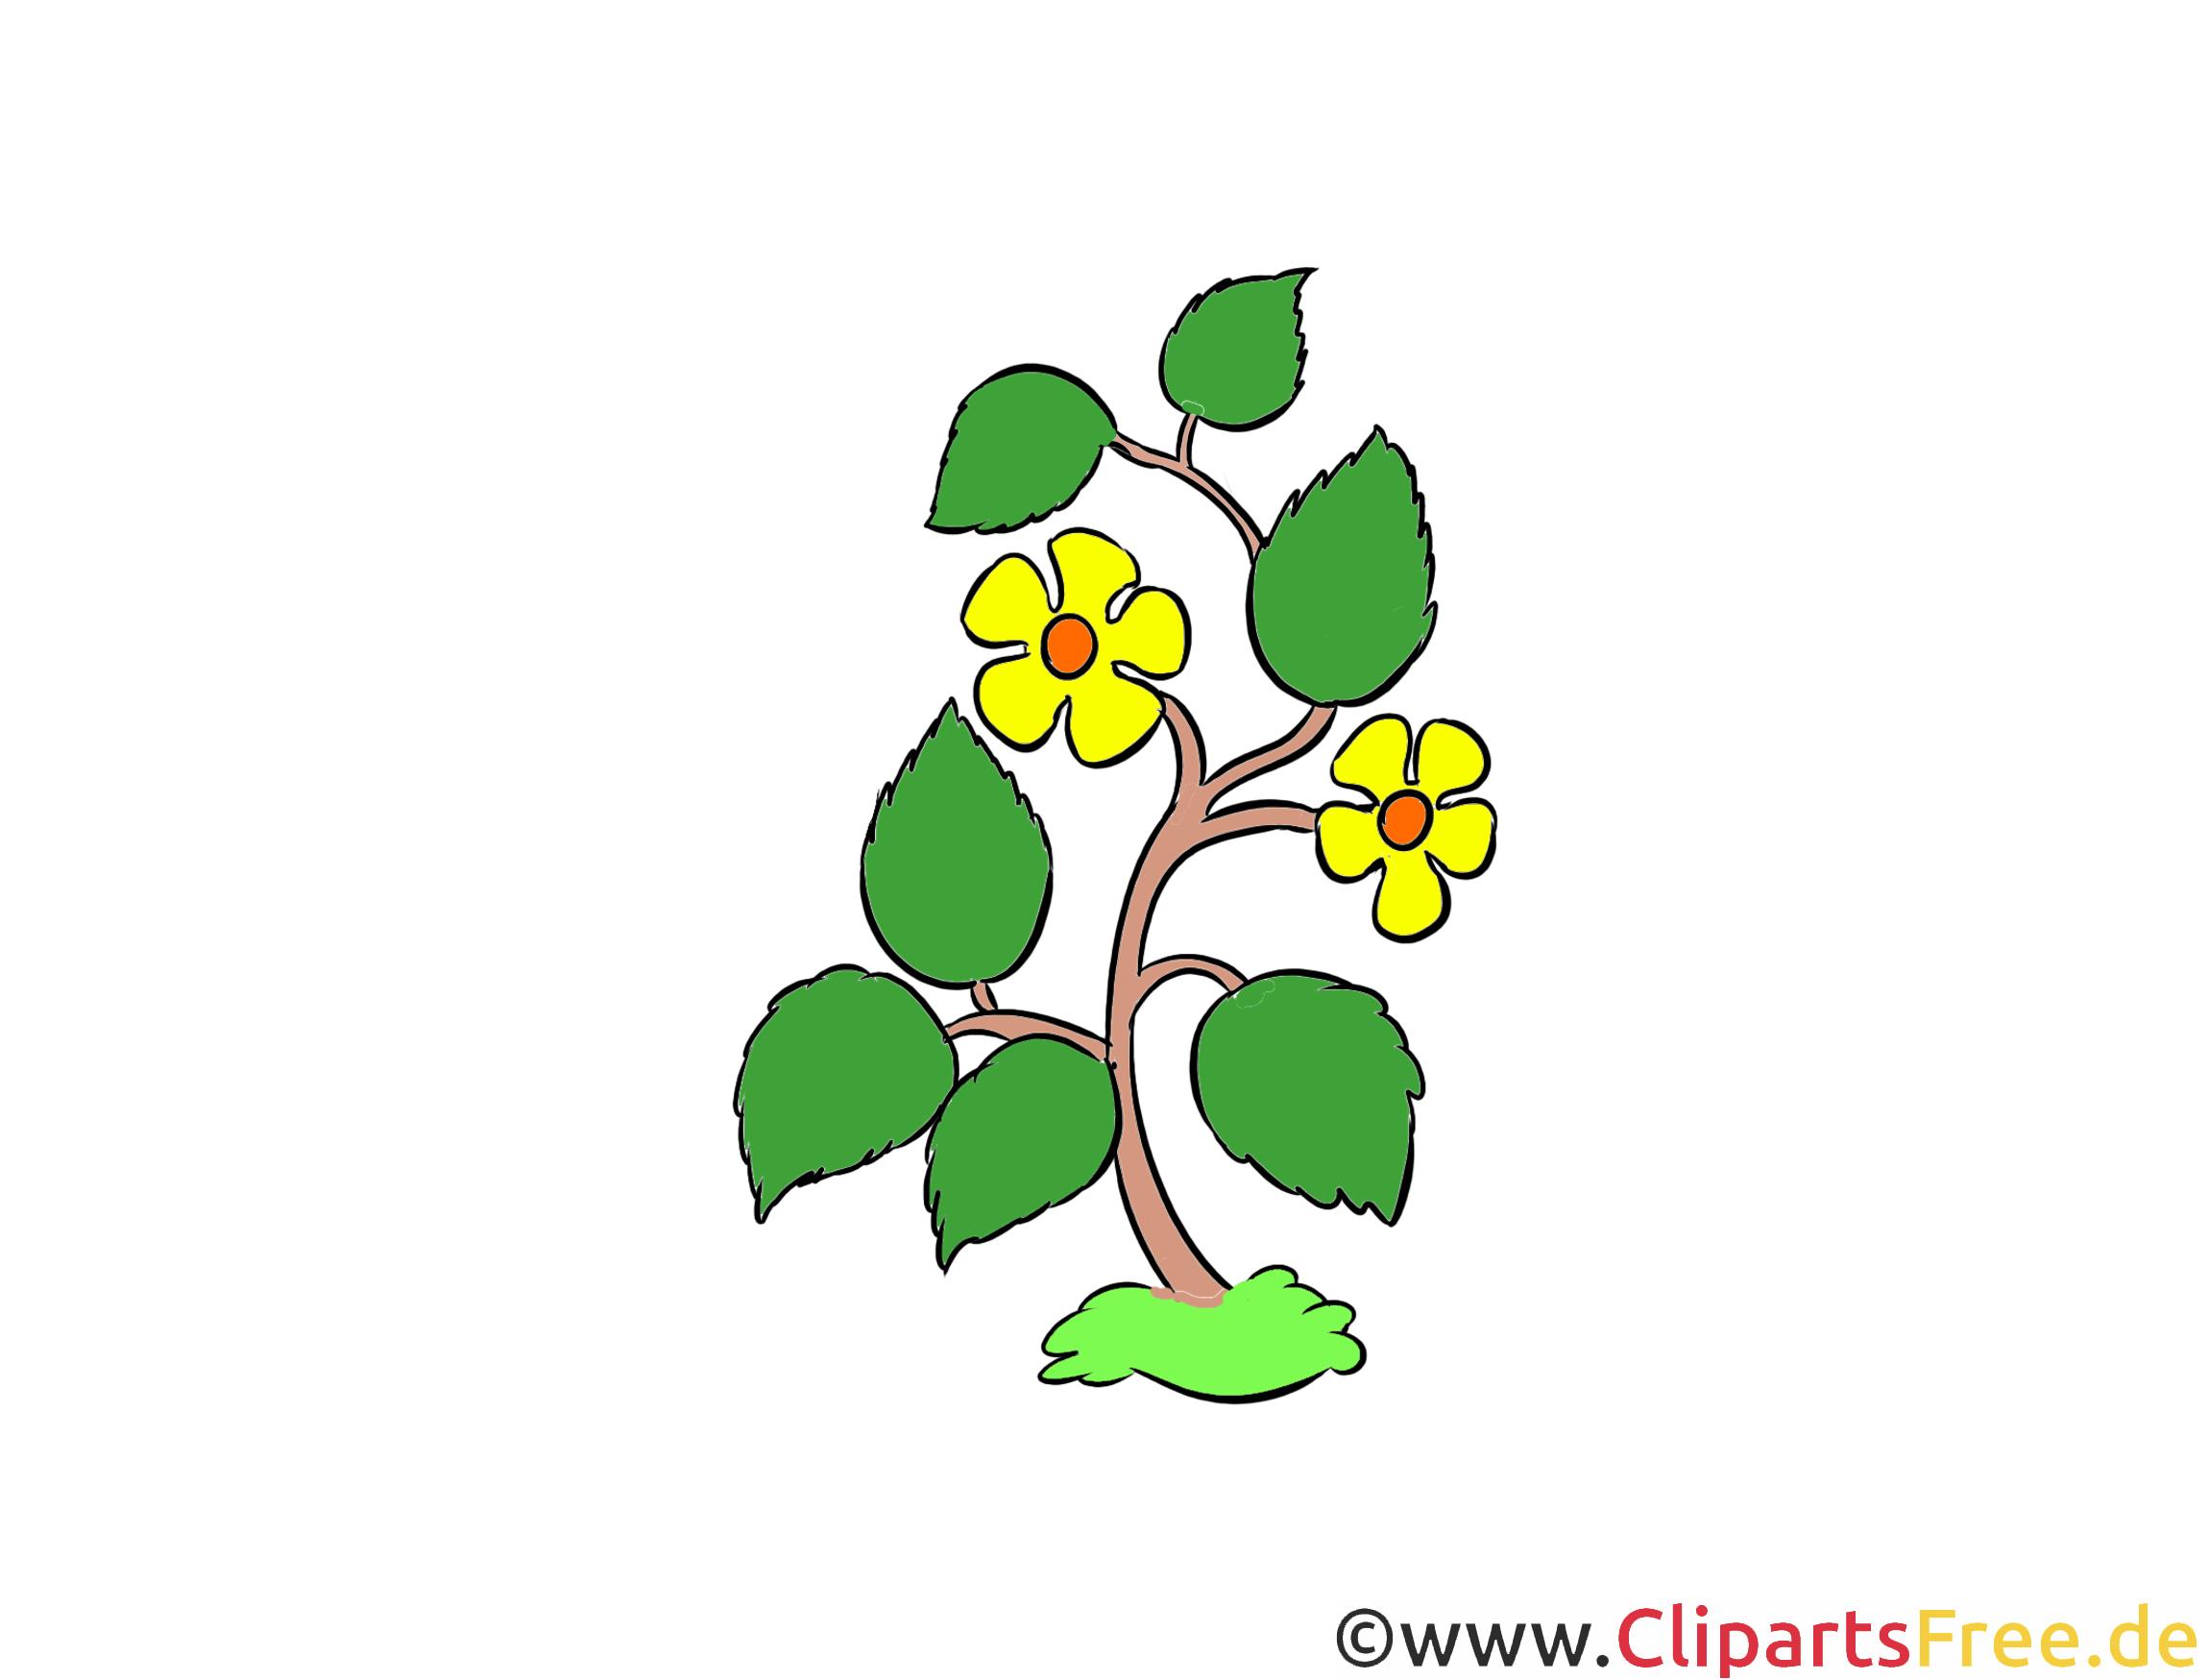 Feldblumen Clipart, Illustration, Bild kostenlos